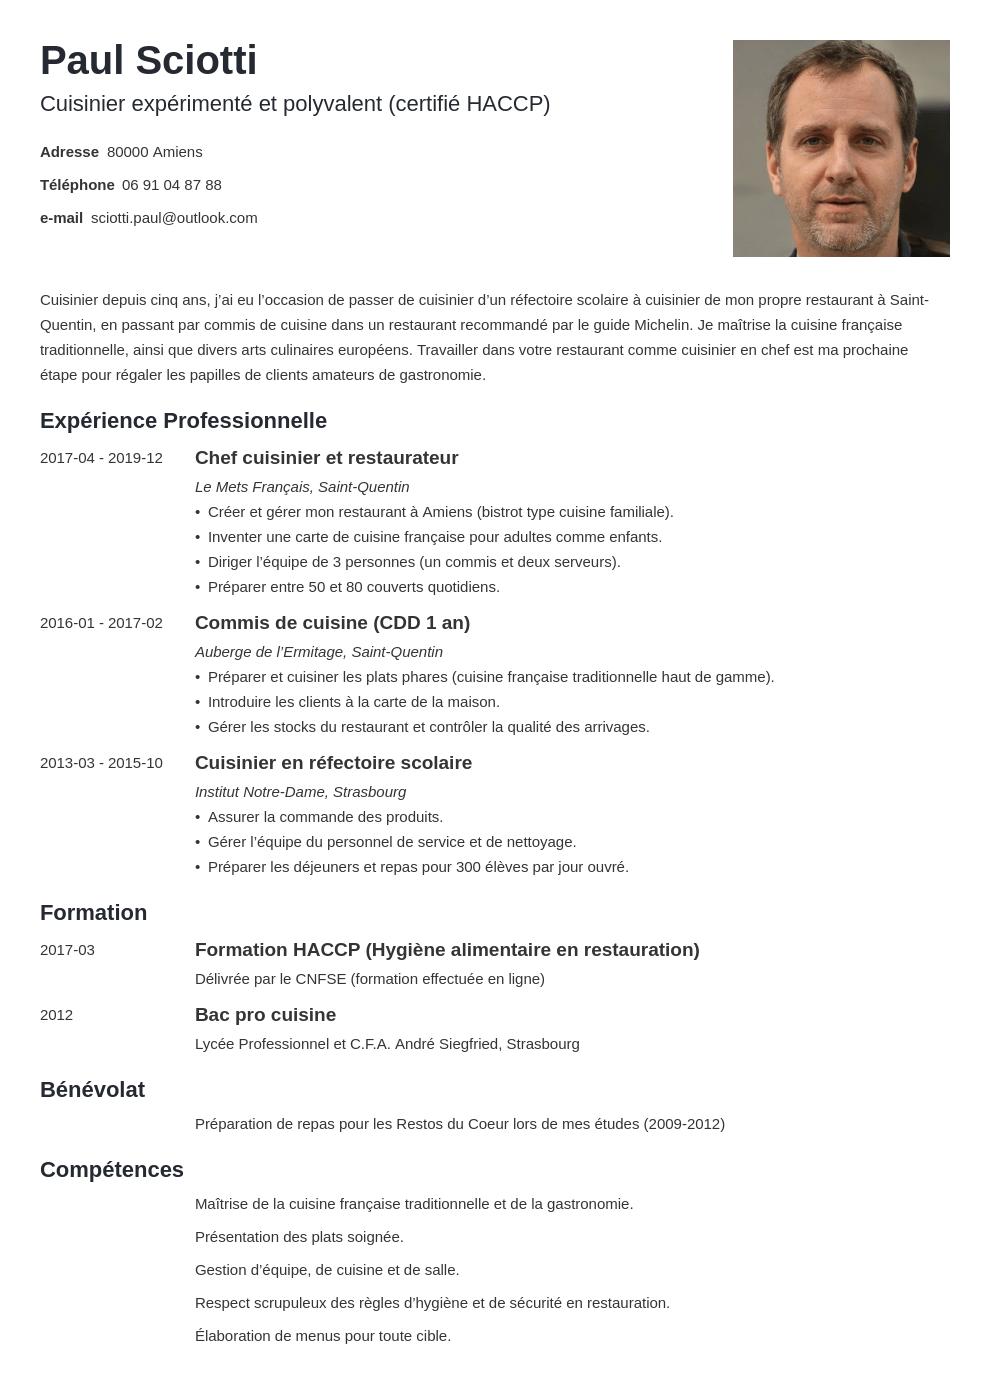 Cv Cuisinier E Exemple Pour Travailler Dans La Restauration